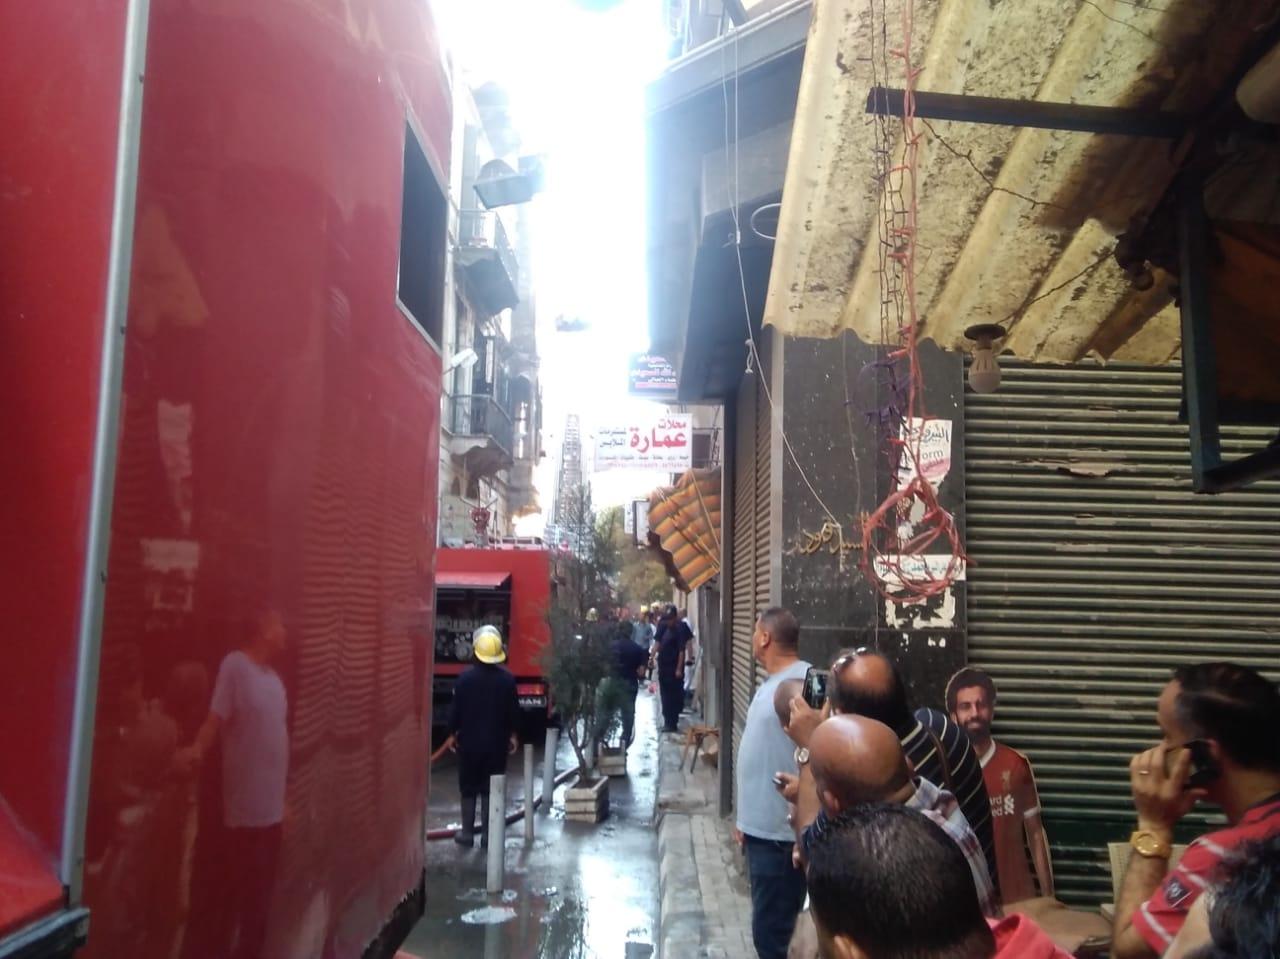 حريق مصنع أحذية فى الإسكندرية (7)